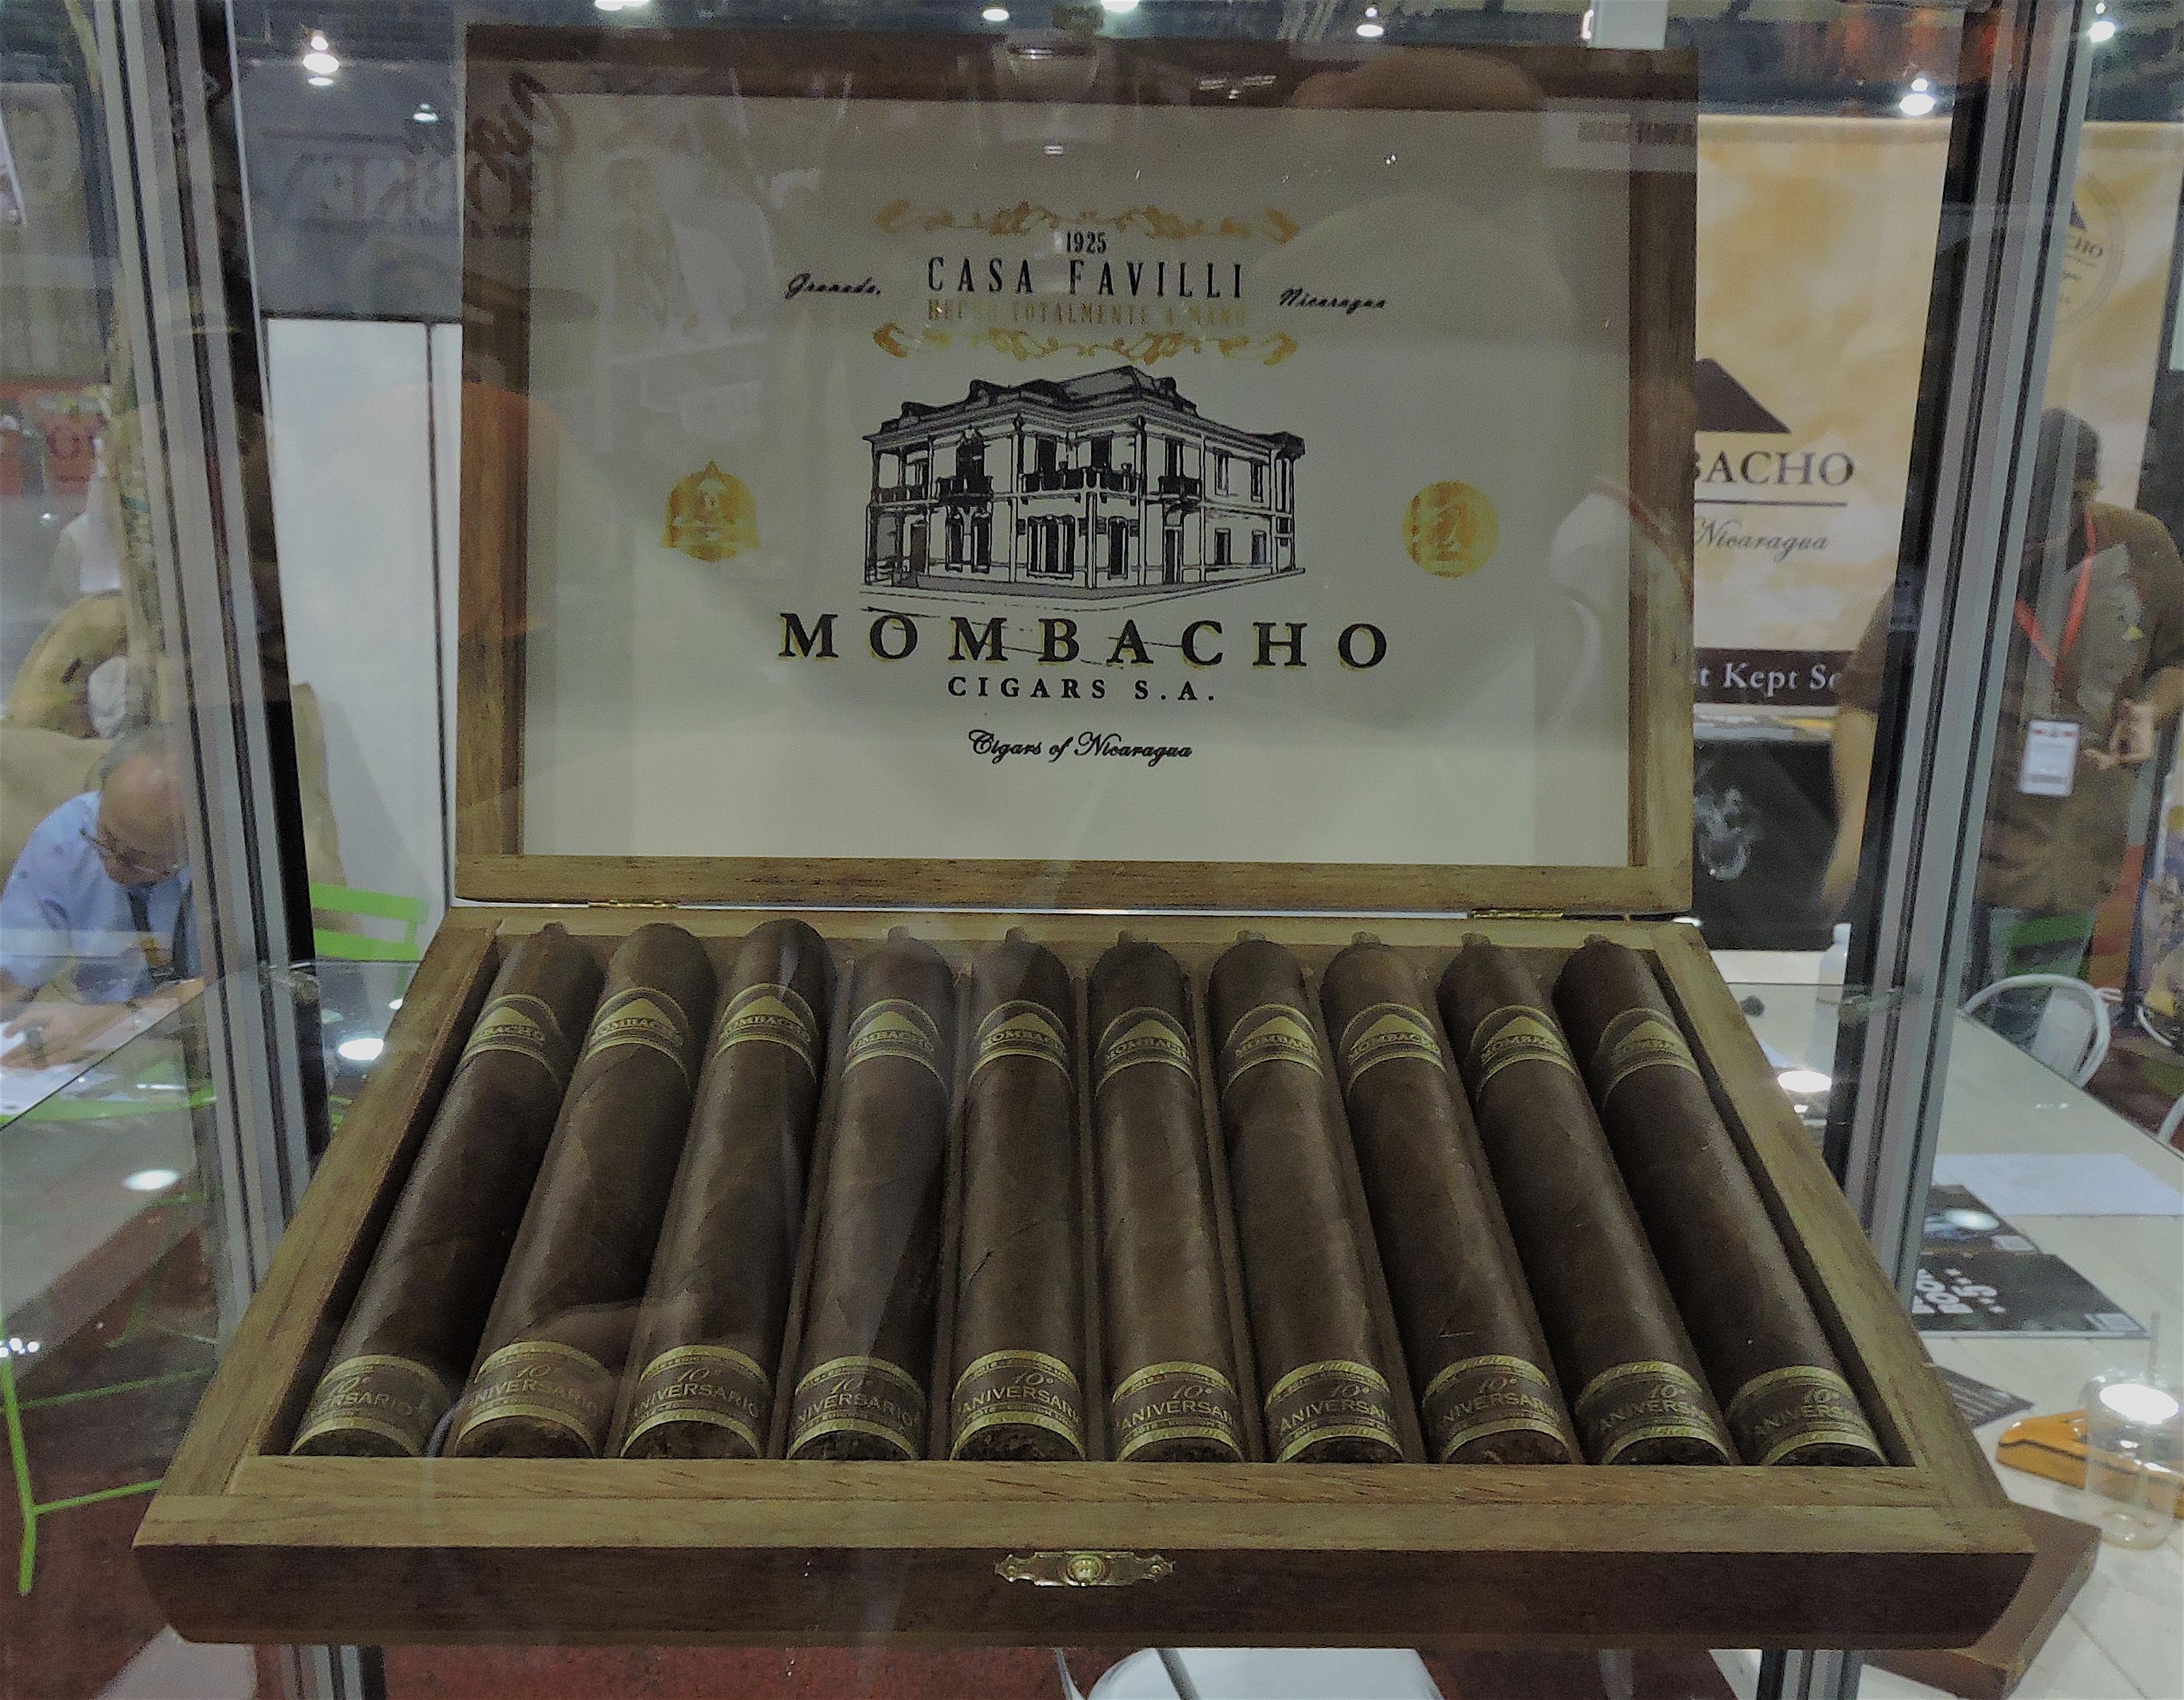 Mombacho 10th Anniversary Magnifco